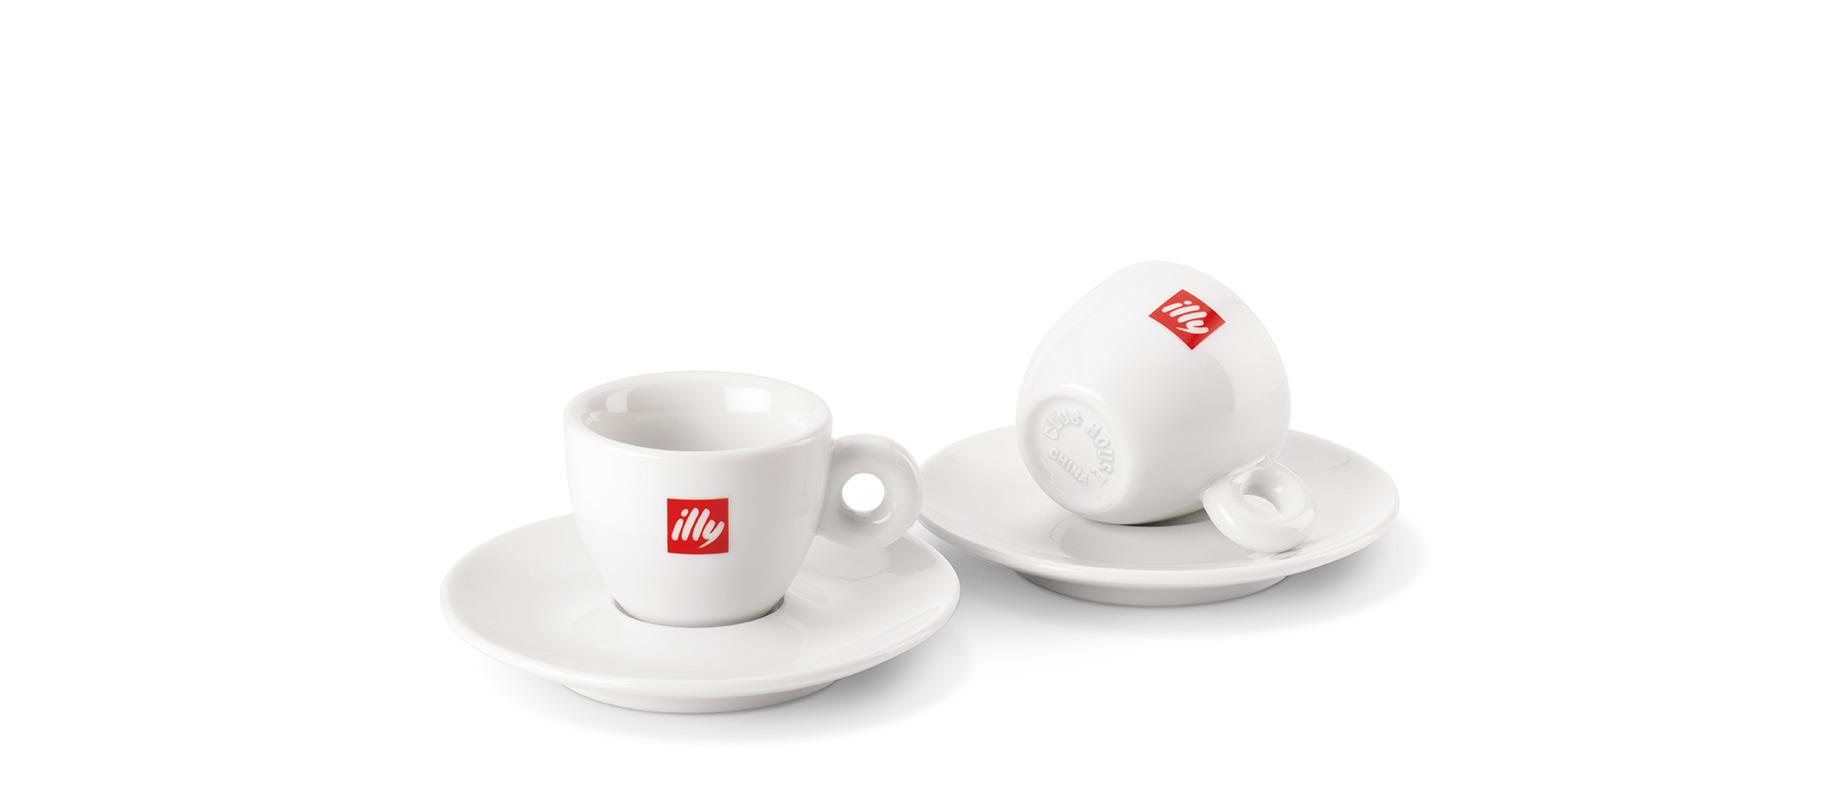 La tazzina per il caffé espresso Illy, di Matteo Thun